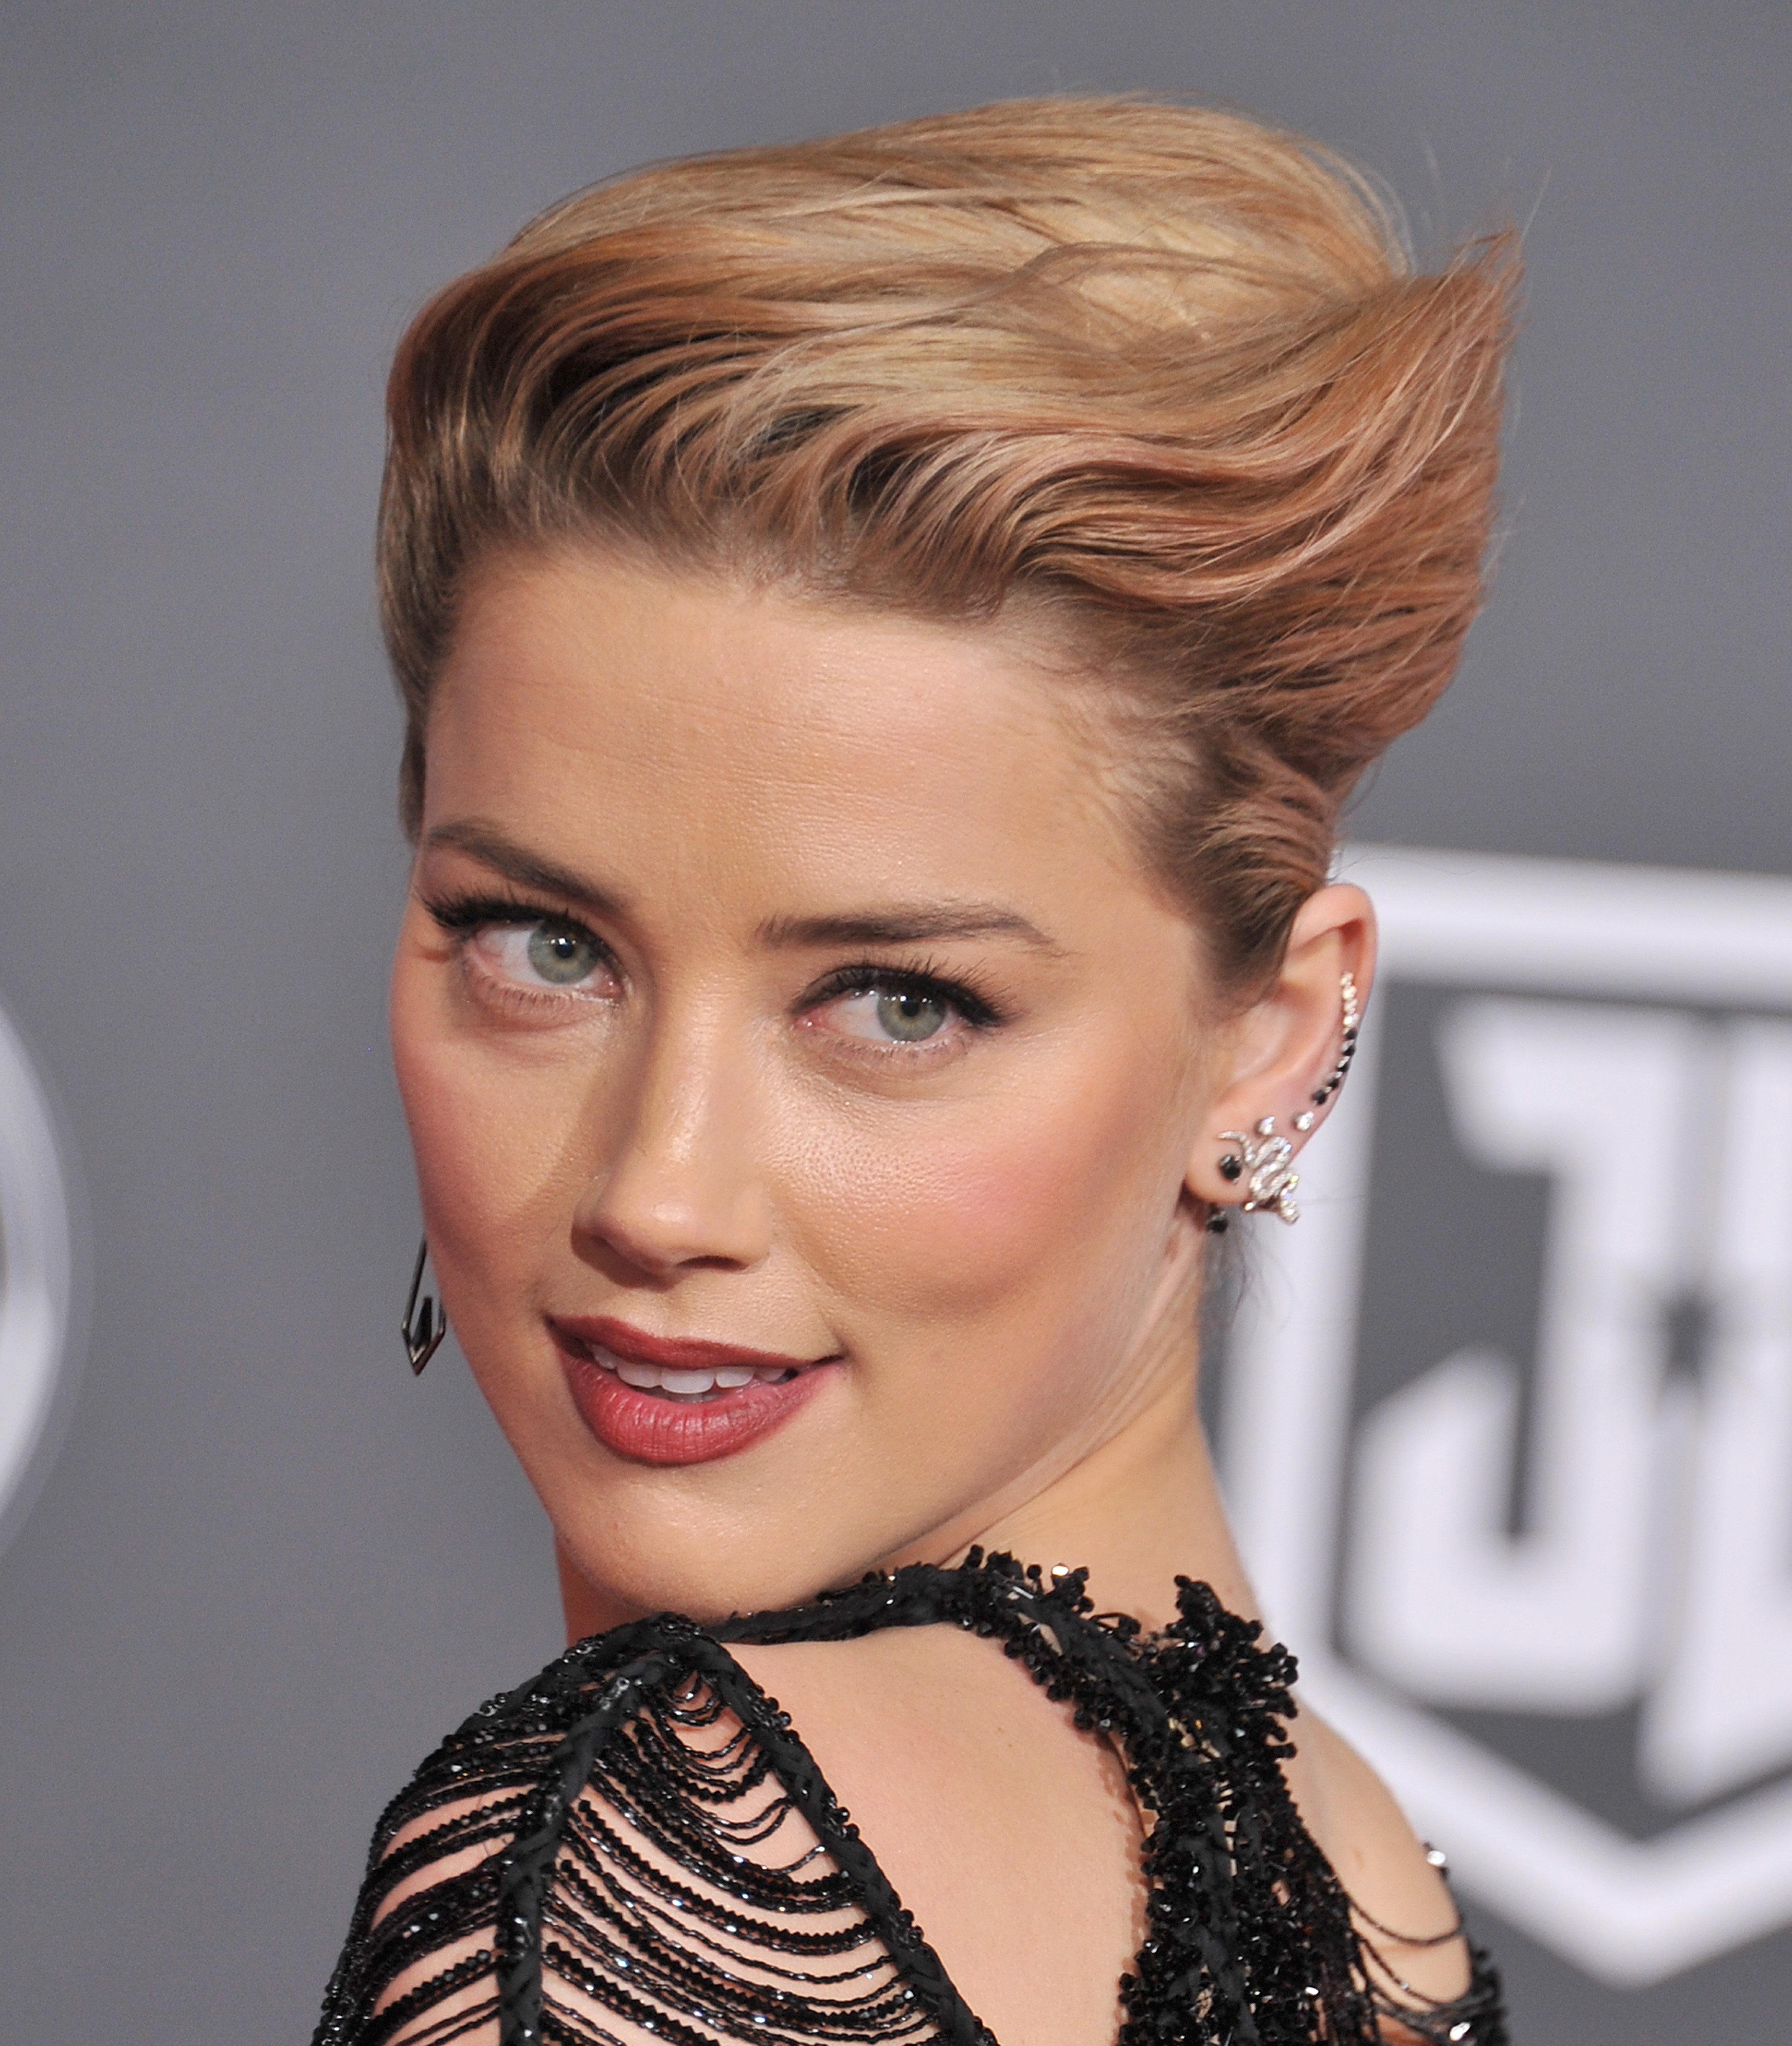 Η αδιάβλητη Amber Heard; Η πρώην σύζυγος του Johnny Depp δώρισε όλα τα χρήματα του διαζυγίου